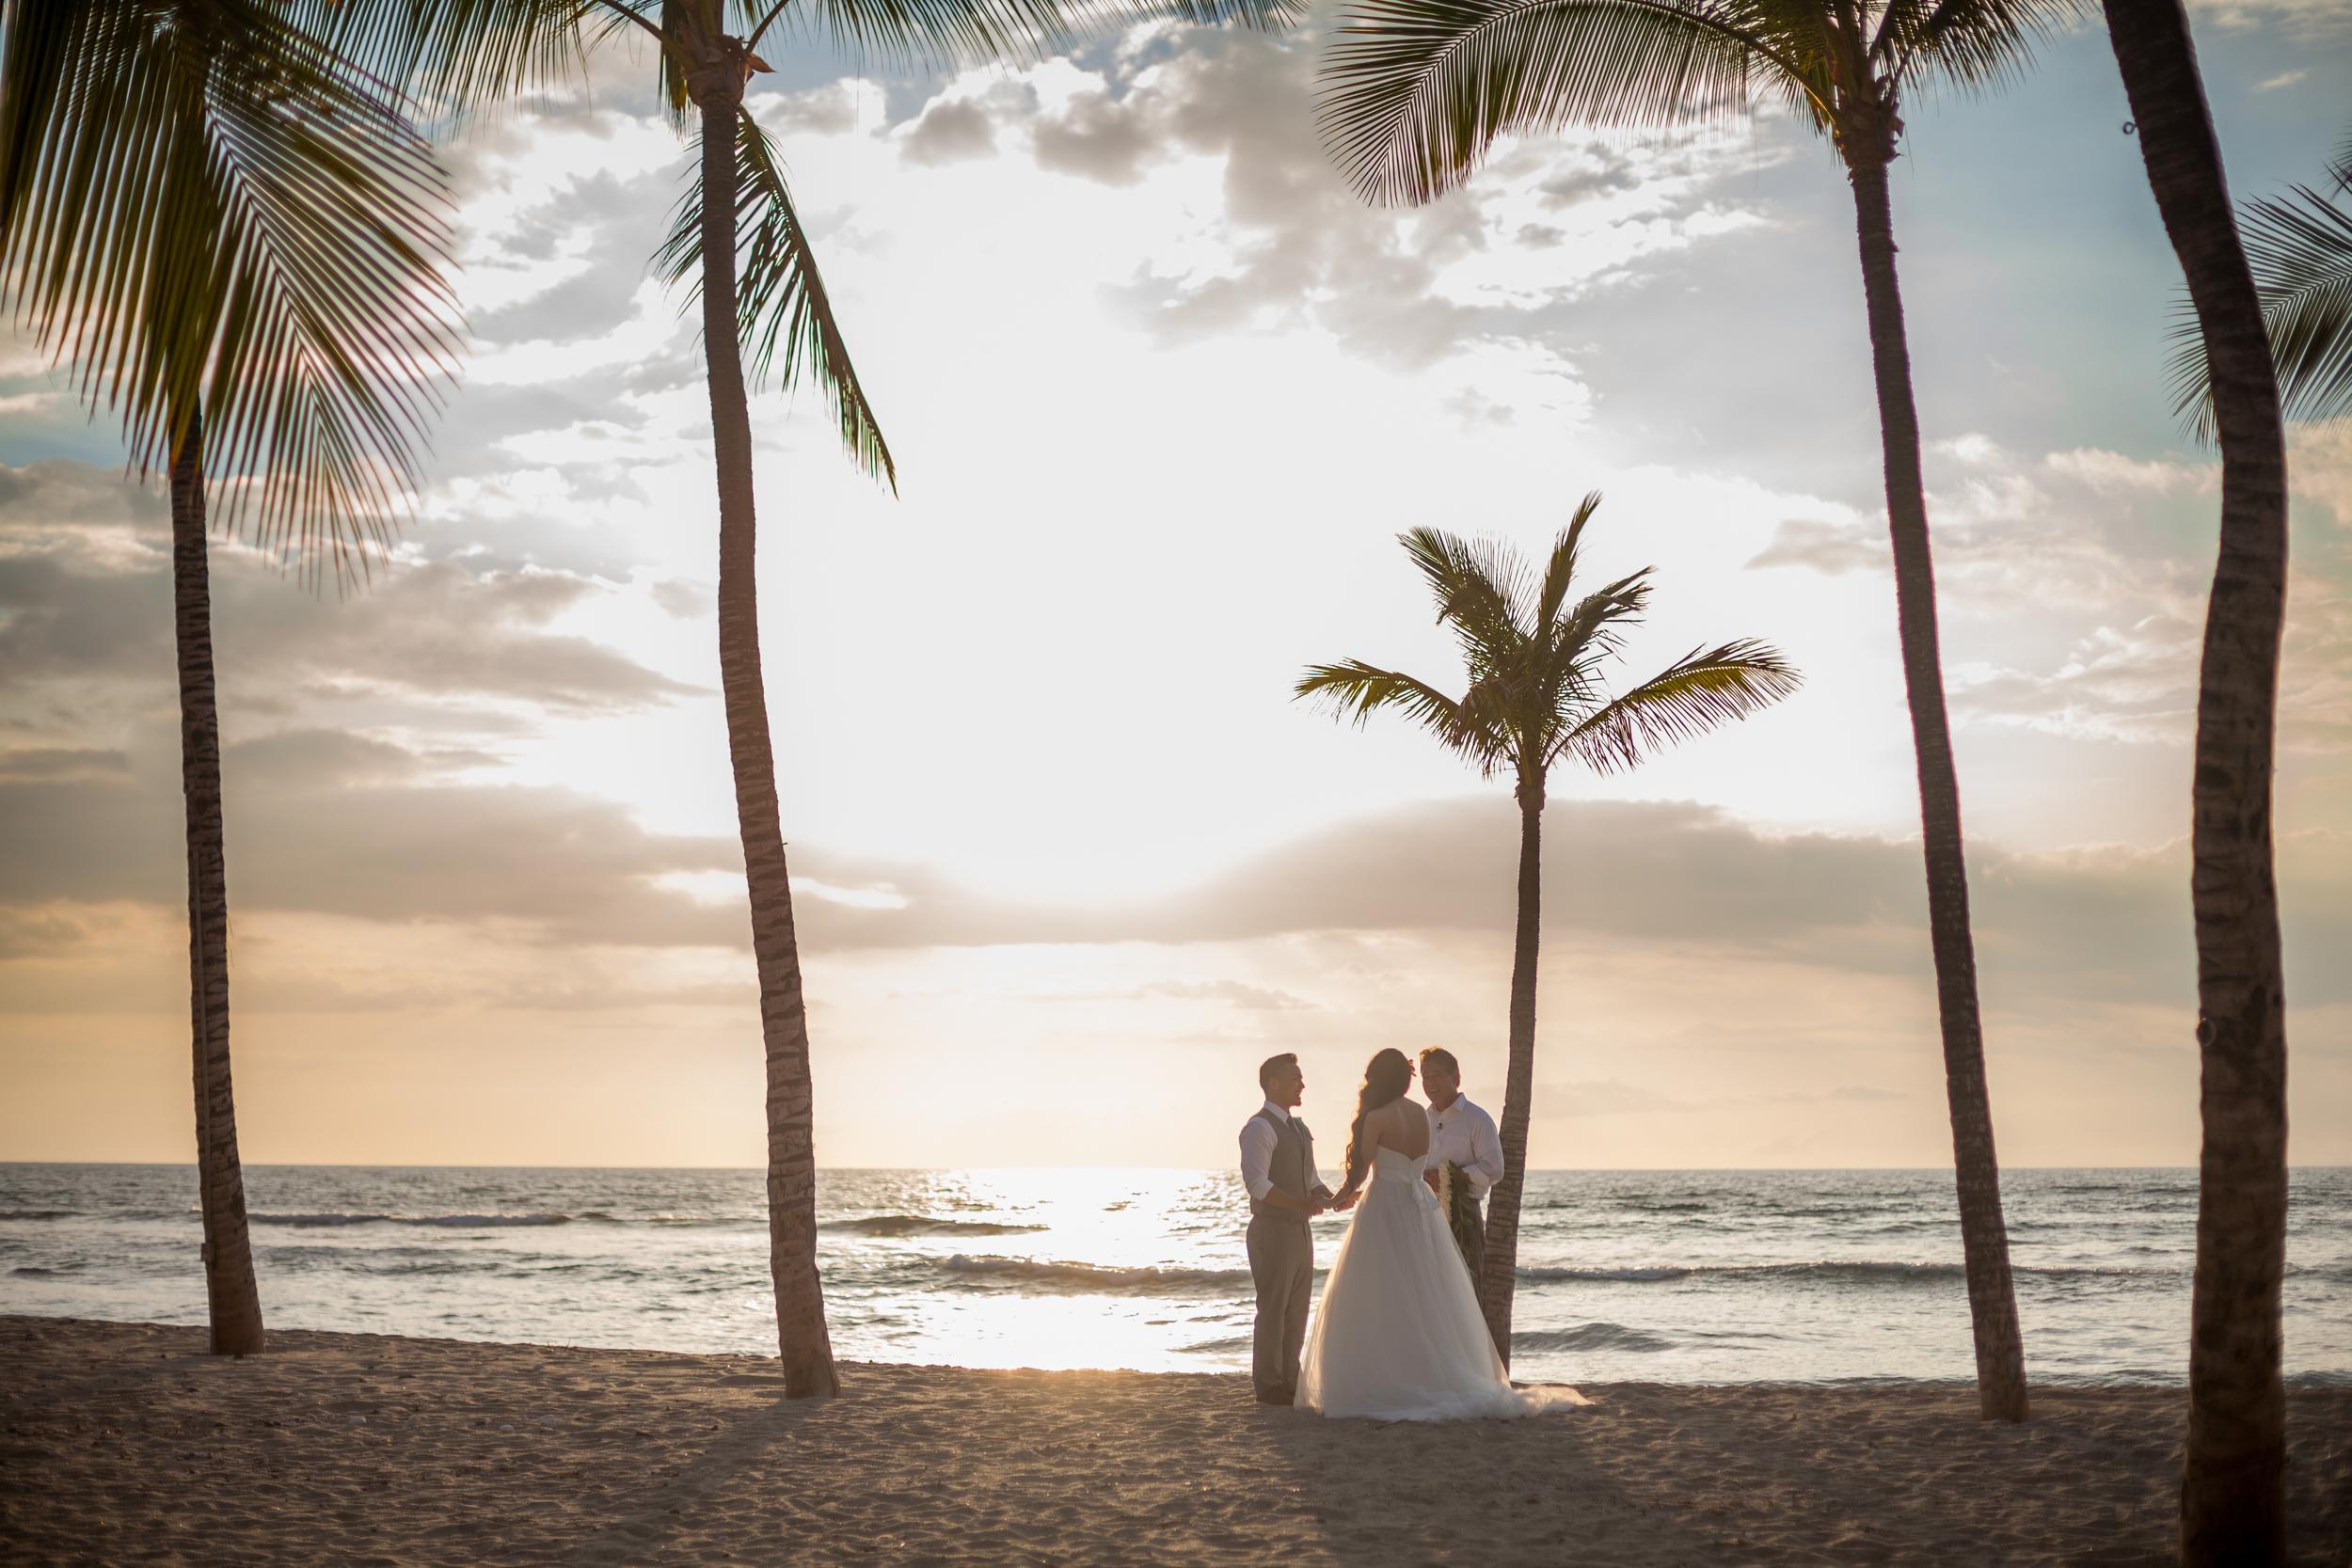 big island hawaii mauna lani resort wedding © kelilina photography 20160523181912-1.jpg